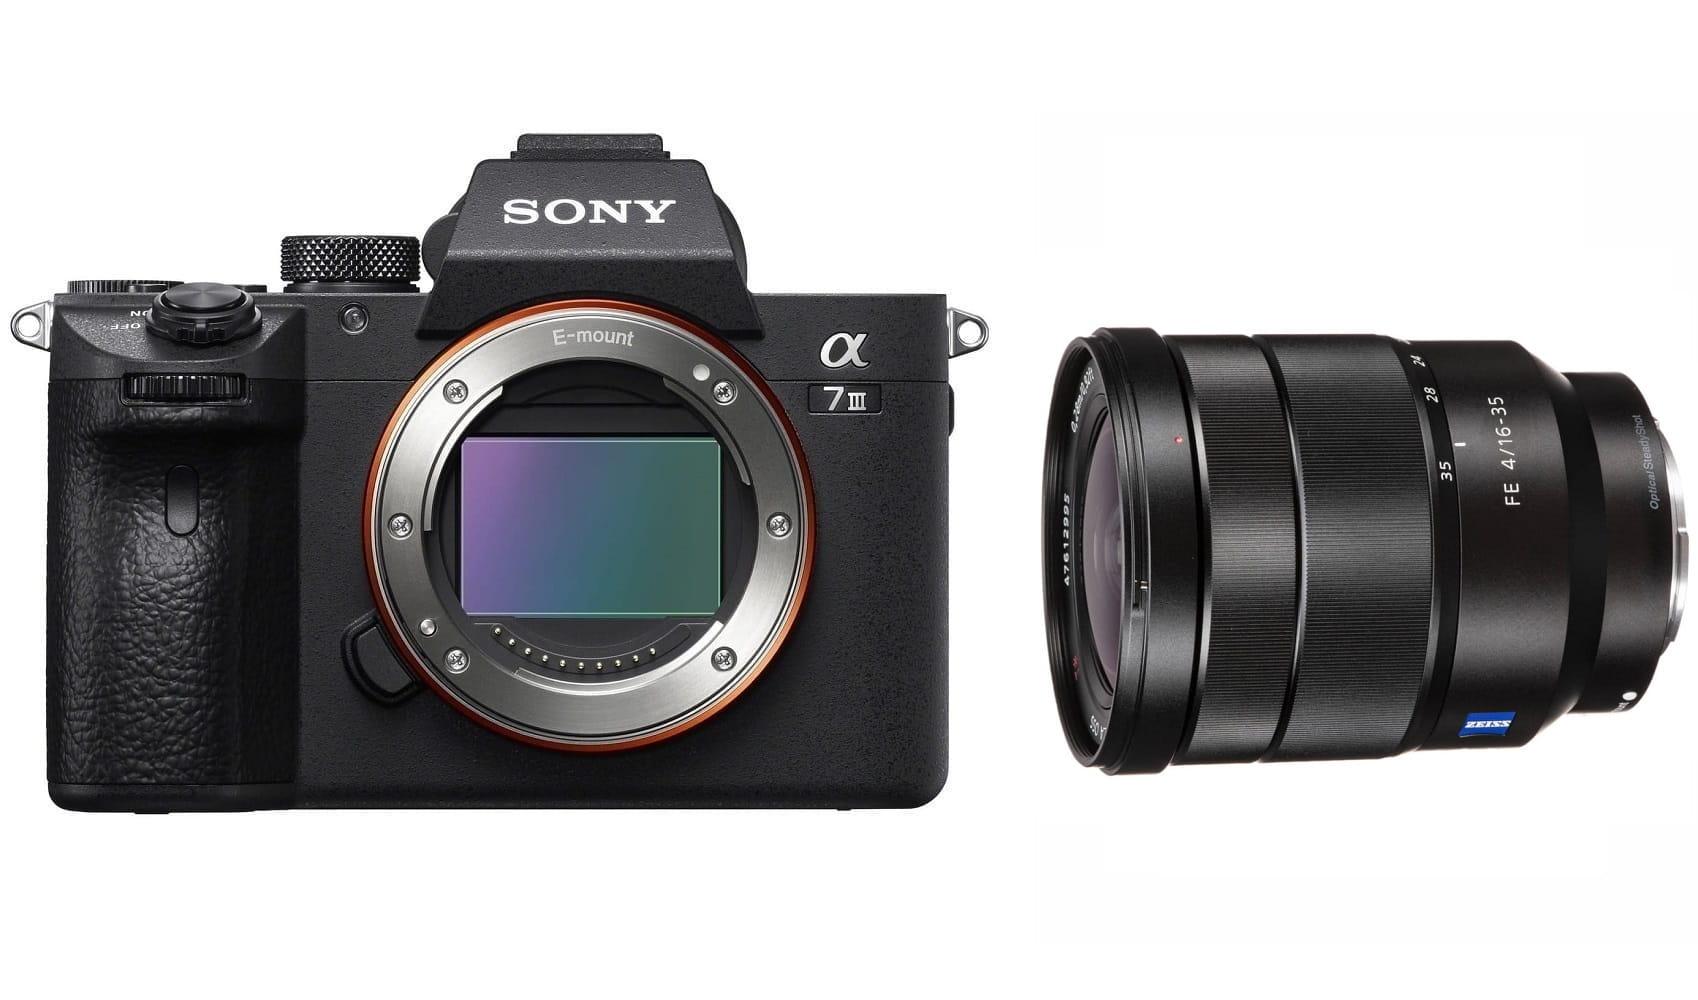 Aparat cyfrowy Sony A7 III - ILCE7M3B + obiektyw FE 16-35 mm f/4.0 Zeiss Vario-Tessar ZA OSS - SEL1635Z + cashback 2x900 zł